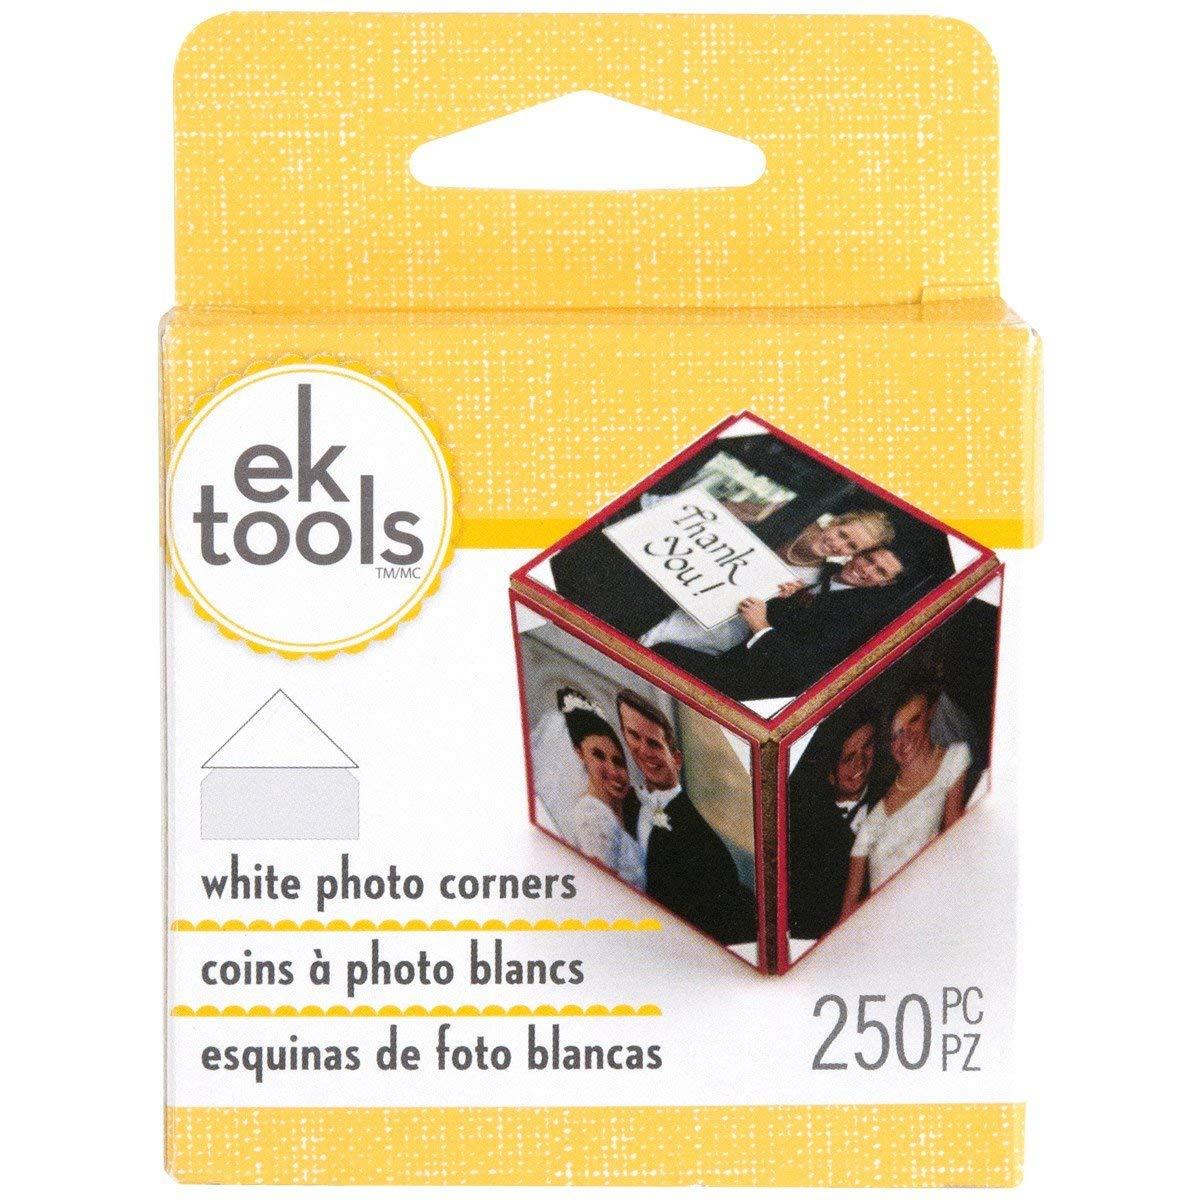 EK Tools Adhesive Photo Corners Clear